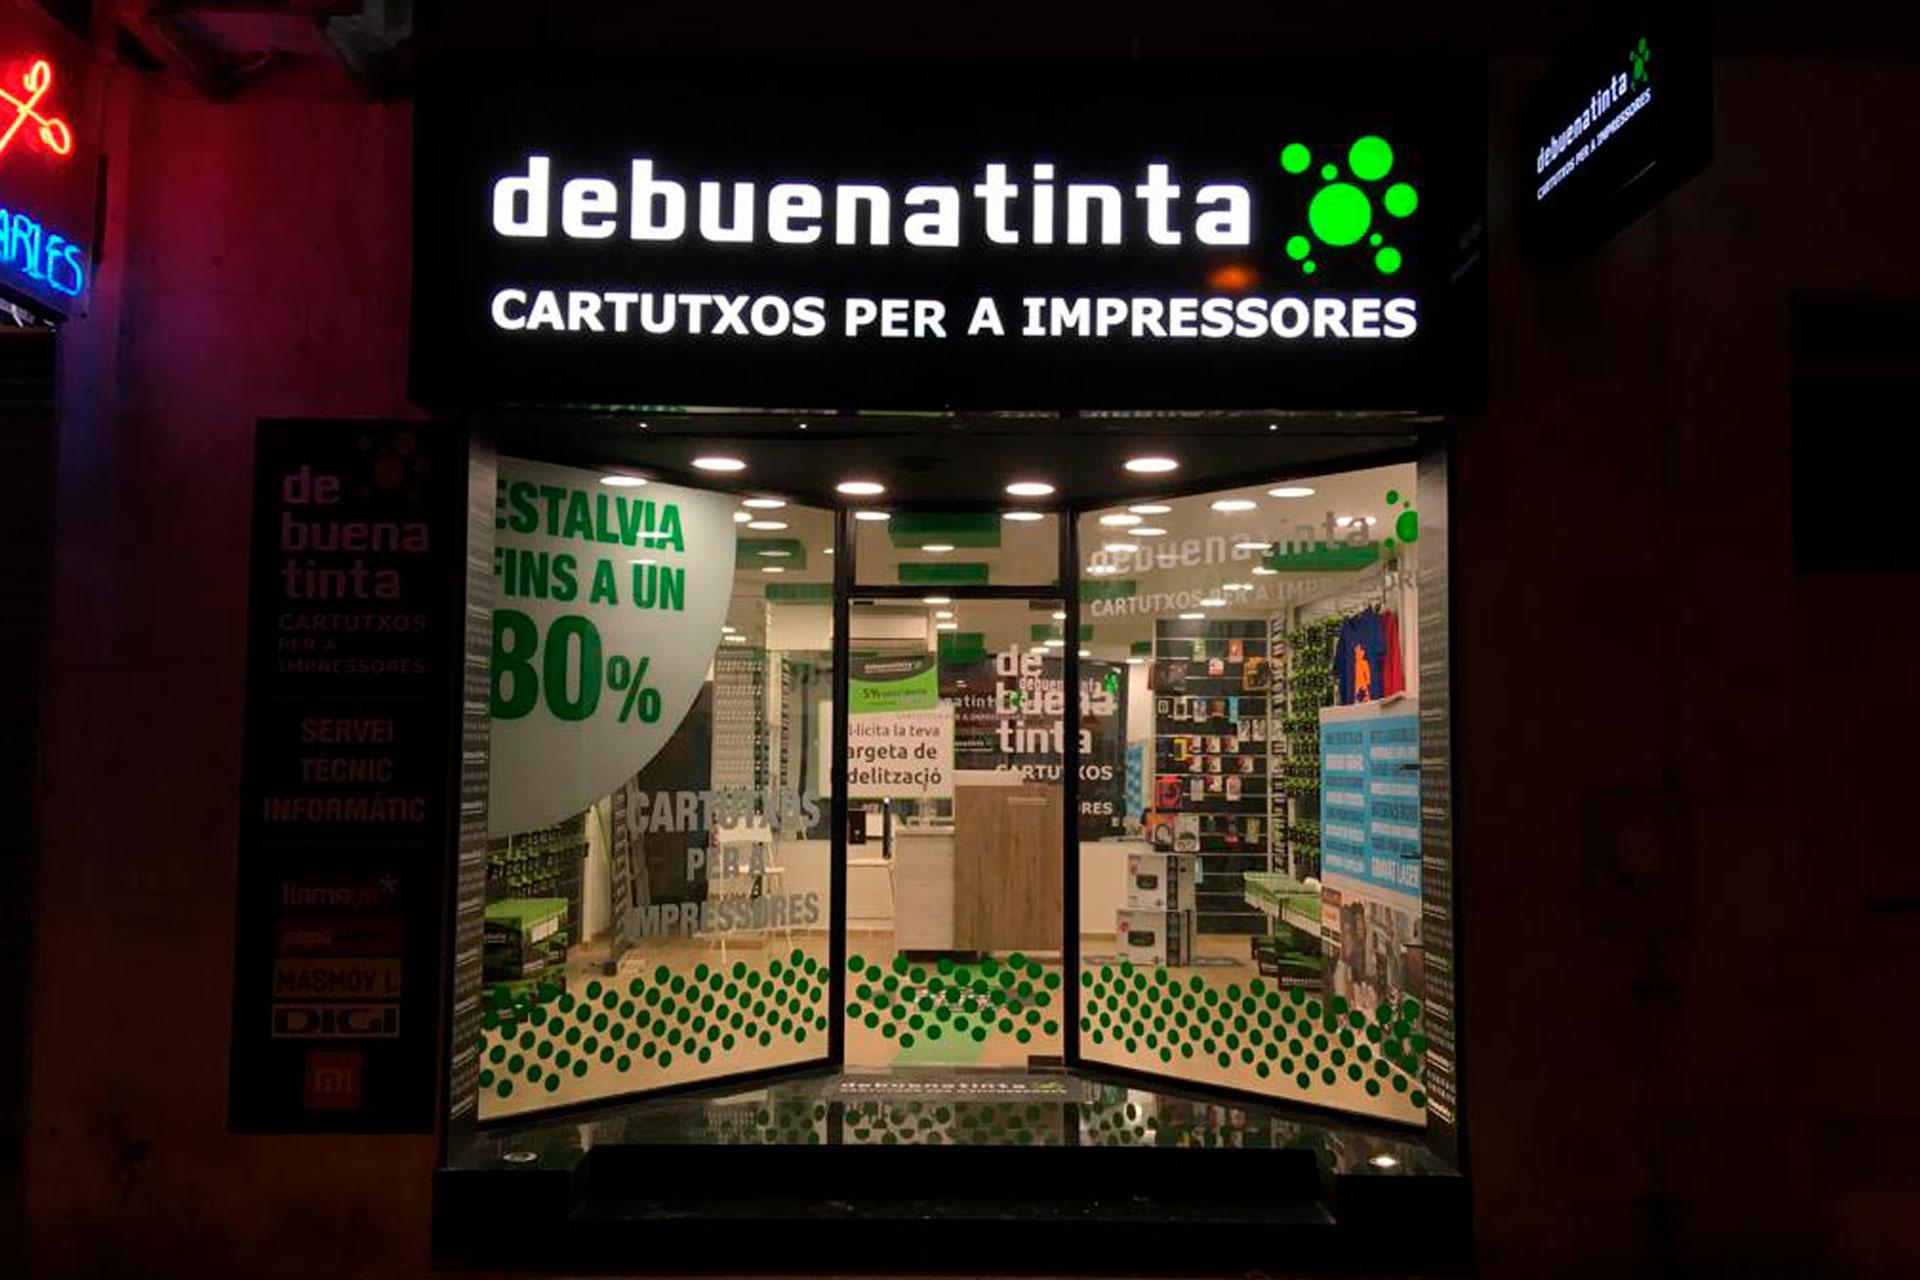 tienda-debuenatinta-castelldefels